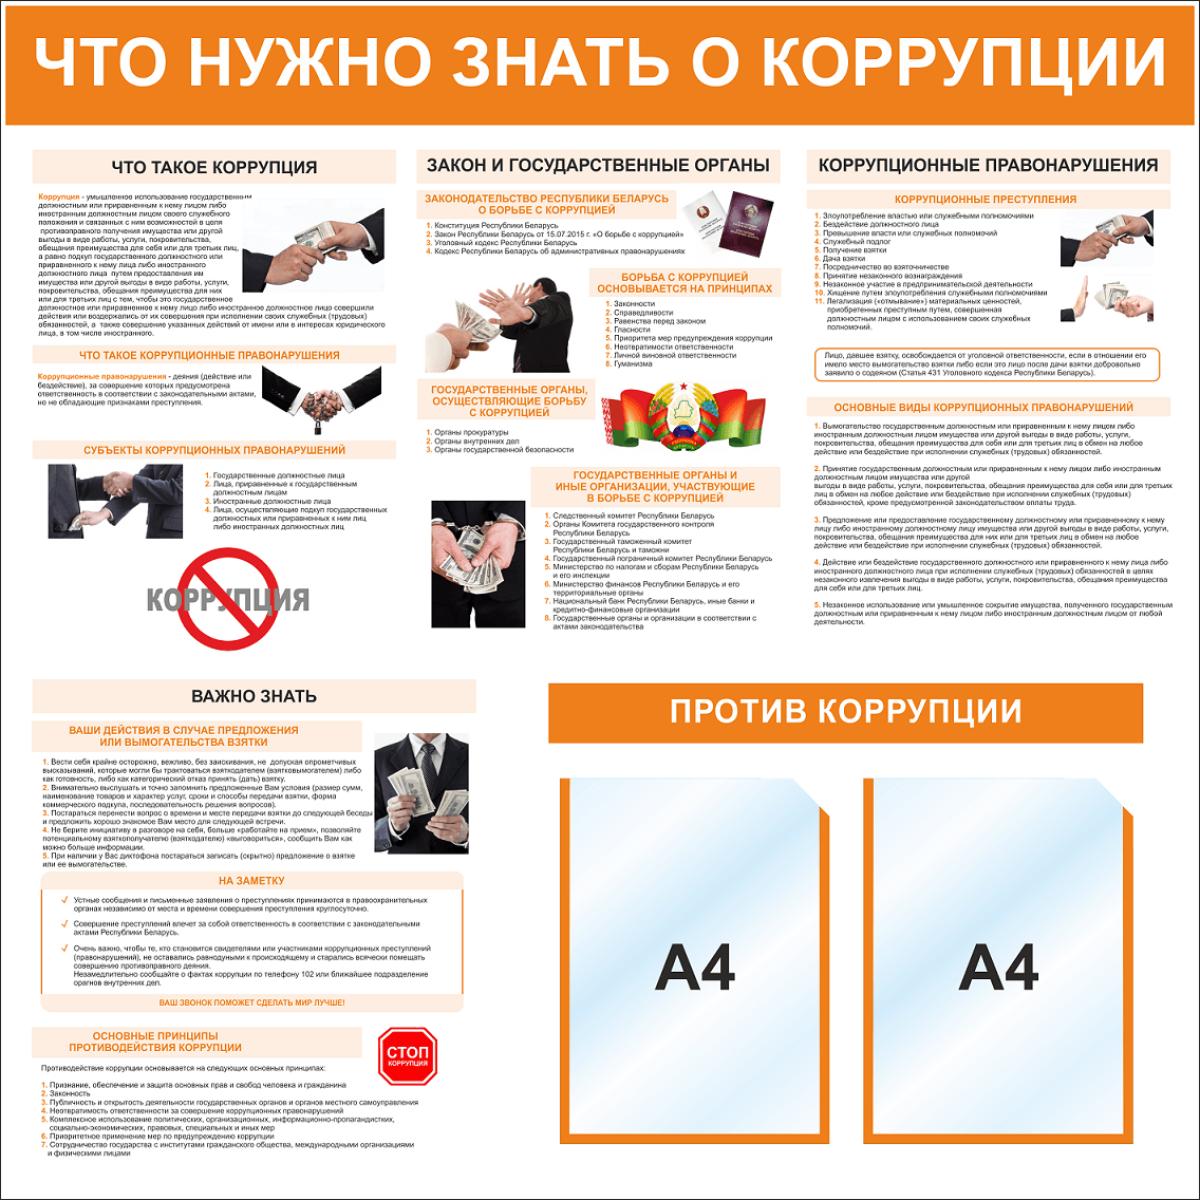 Информационный стенд 4251 с 2-мя карманами А4 Что нужно знать о коррупции